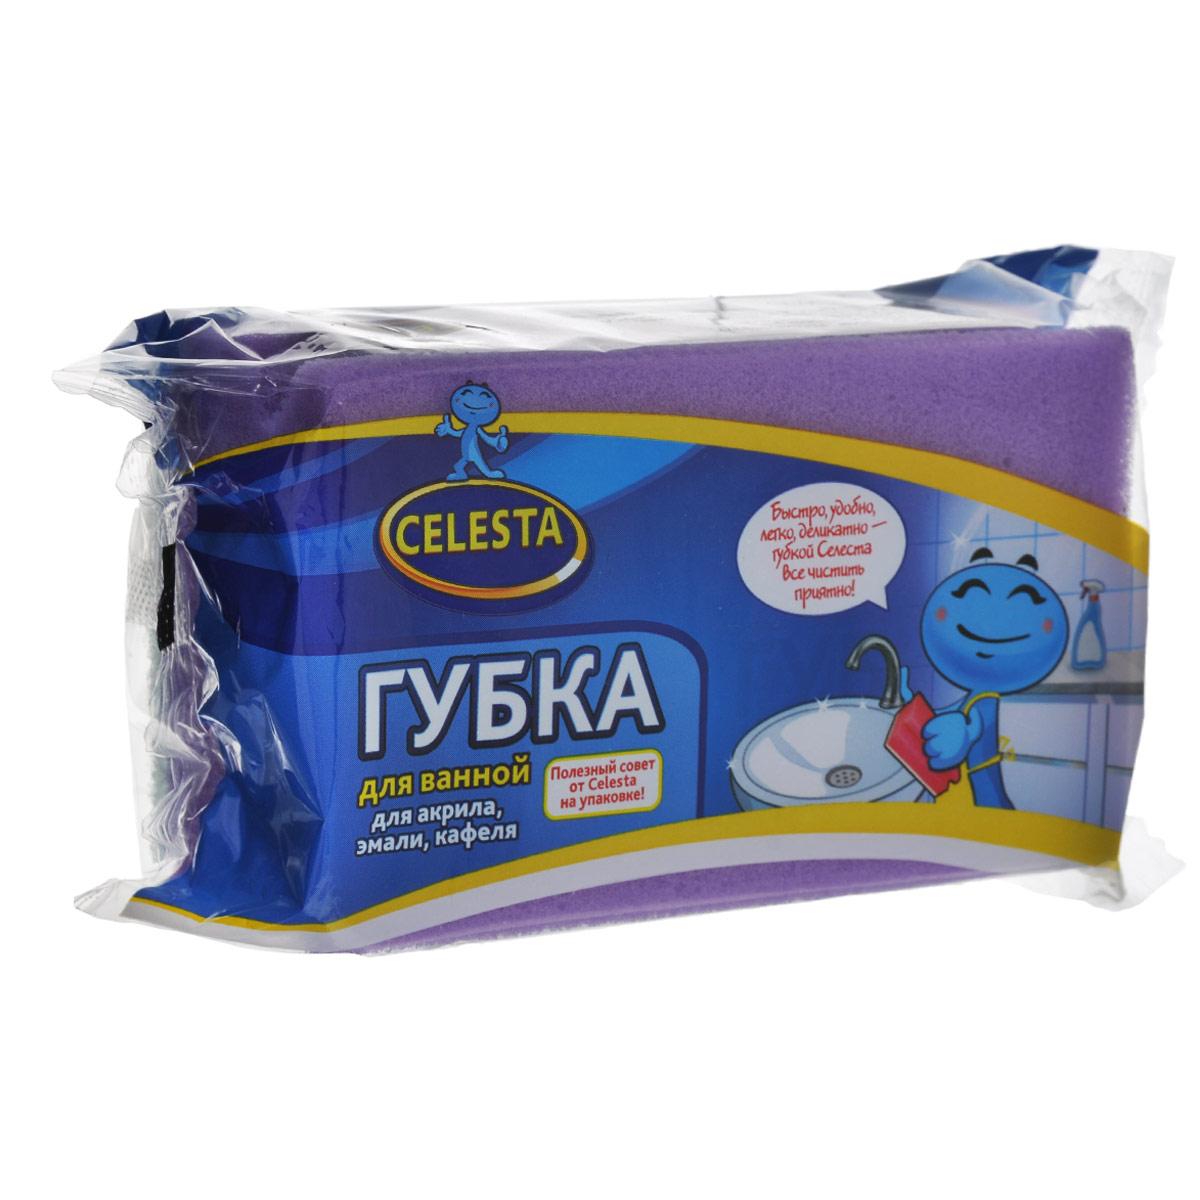 Губка для мытья ванной Celesta, цвет: фиолетовыйS03301004Губка для ванной Celesta, изготовленная из поролона и фибры, бережно и чисто поможет помыть ванну из акрила, эмали, кафеля. Жесткий слой легко справляется с сильными загрязнениями.